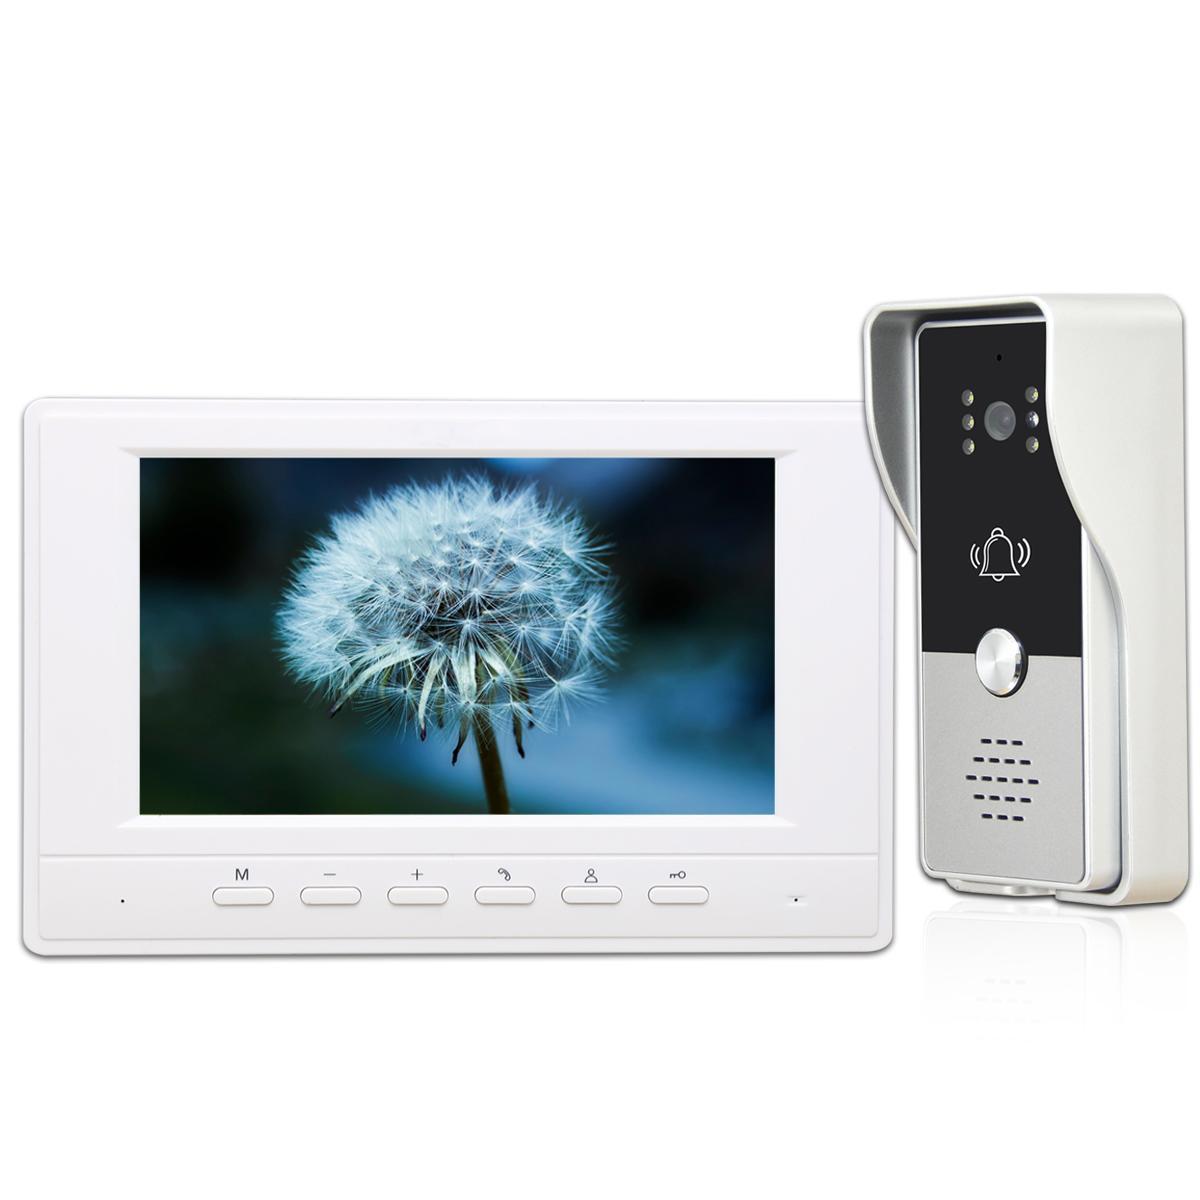 7 inch Monitor VideoDoorbell System Video Intercom Door Phone Kit for Home Villa Office with 700TVL IR Night VisionCamera